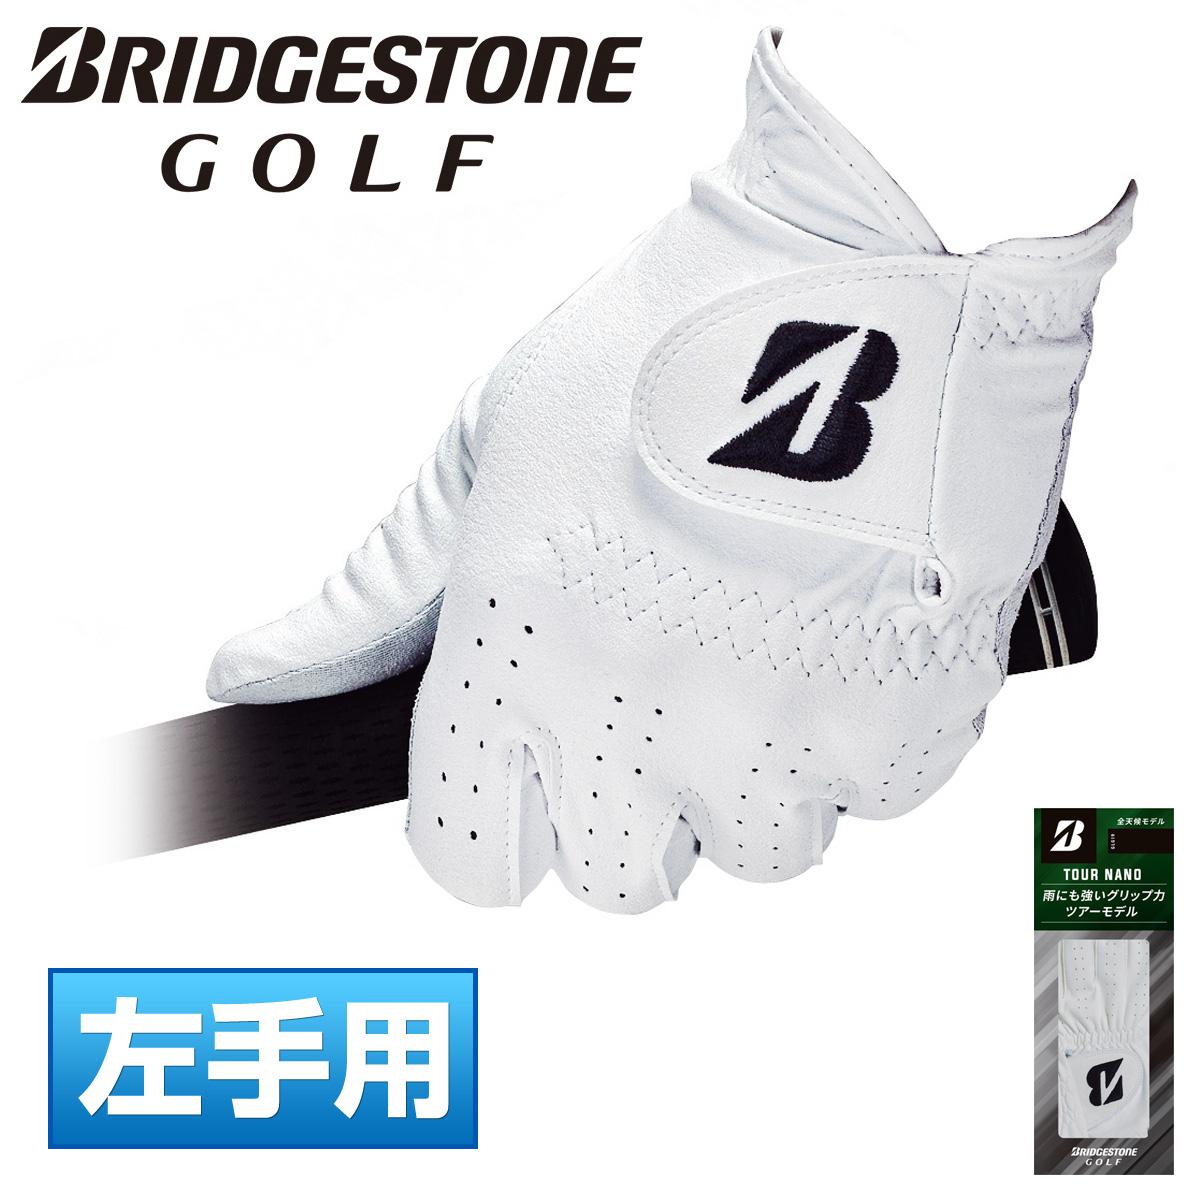 雨にも強いグリップ力 出色 お歳暮 BRIDGESTONE GOLF ブリヂストンゴルフ 日本正規品 TOUR NANO あす楽対応 GLG19 2021新製品 ツアーナノ メンズゴルフグローブ 左手用